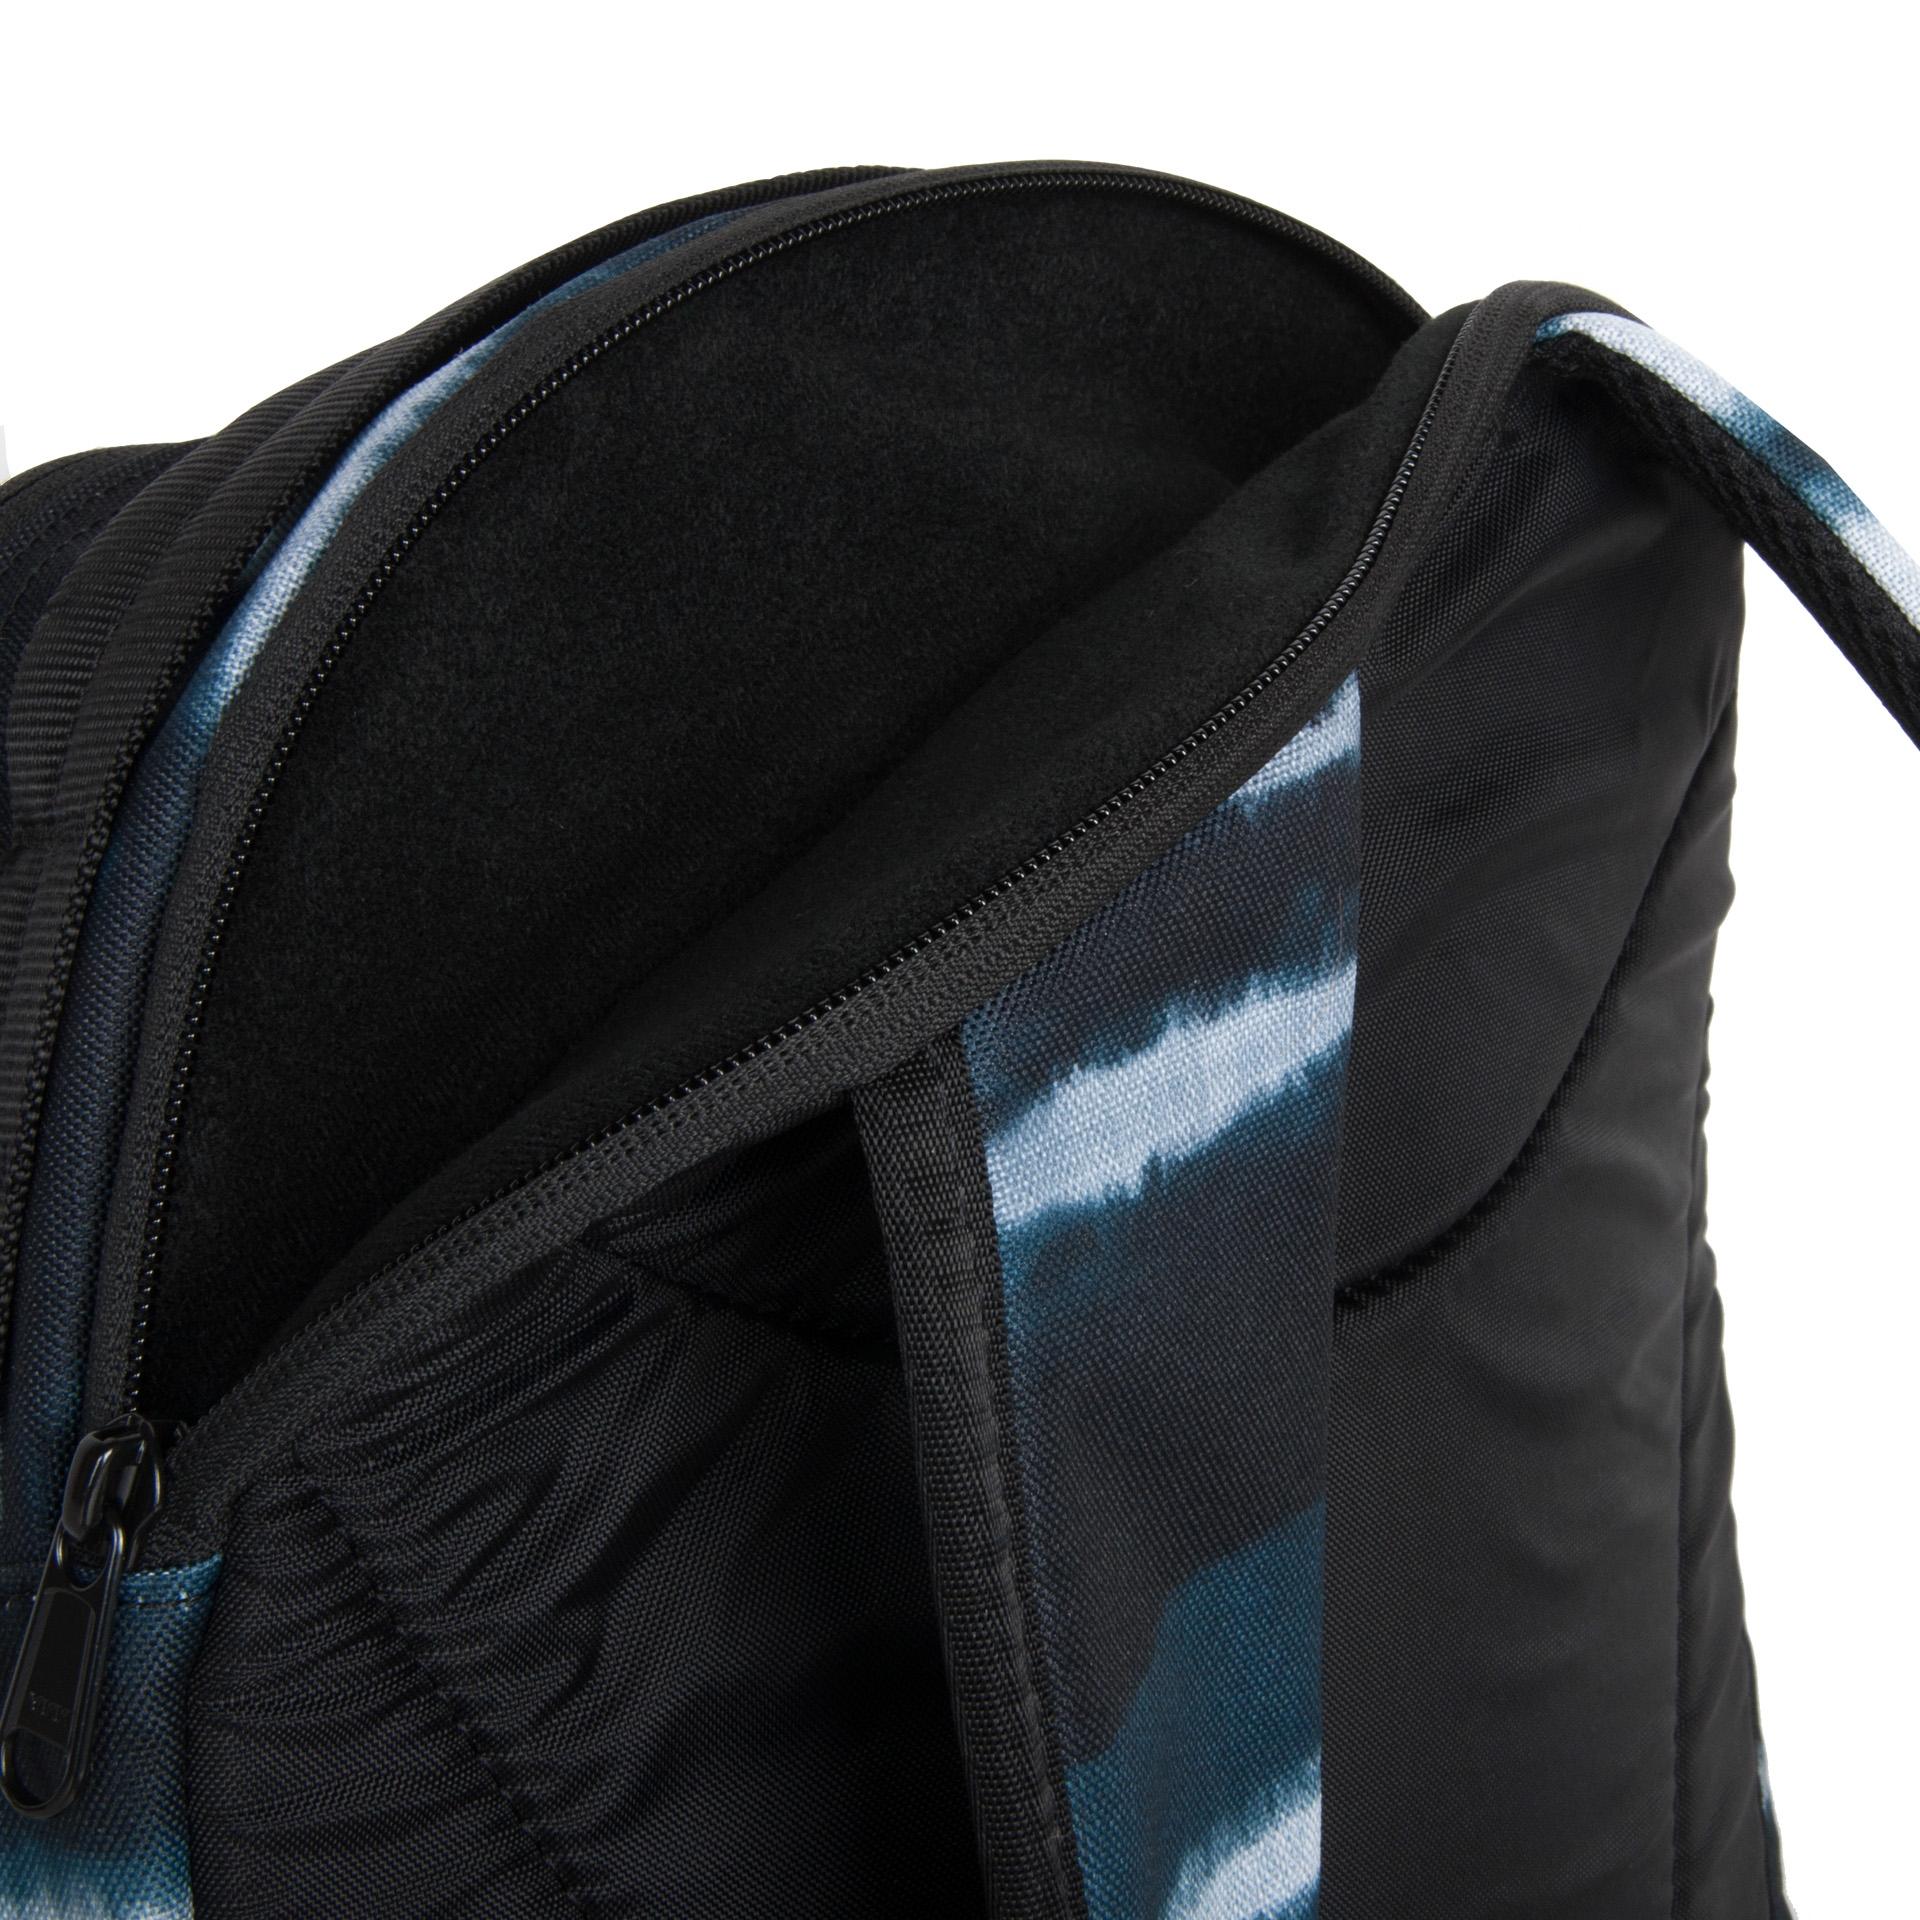 Dakine Mission 25L Resin stripe Dakine Mission 25L je víceúčelový batoh, který nabízí spoustu vychytávek.  - vertikální úchyty na snowboard nebo skateboard - prostorná hlavní kapsa na zip - vyztužená kapsa na notebook až 15